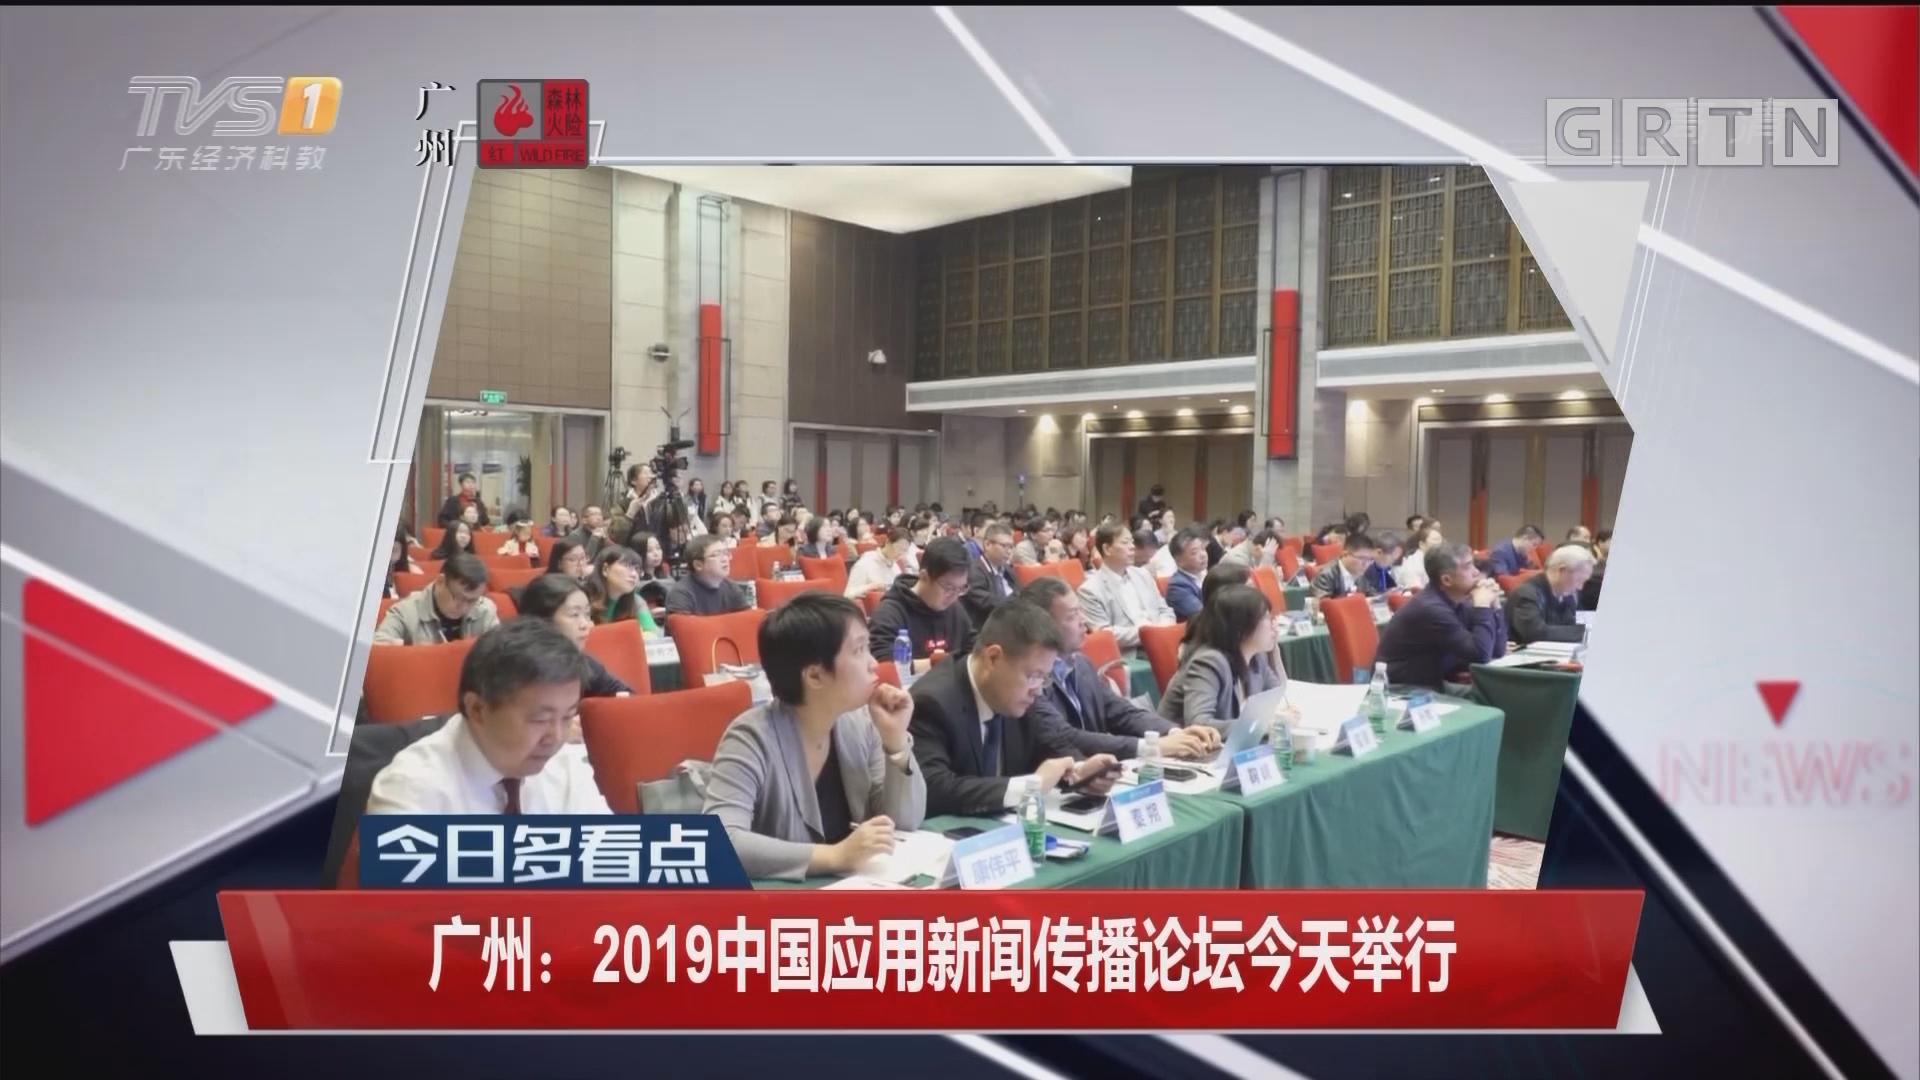 广州:2019中国应用新闻传播论坛今天举行